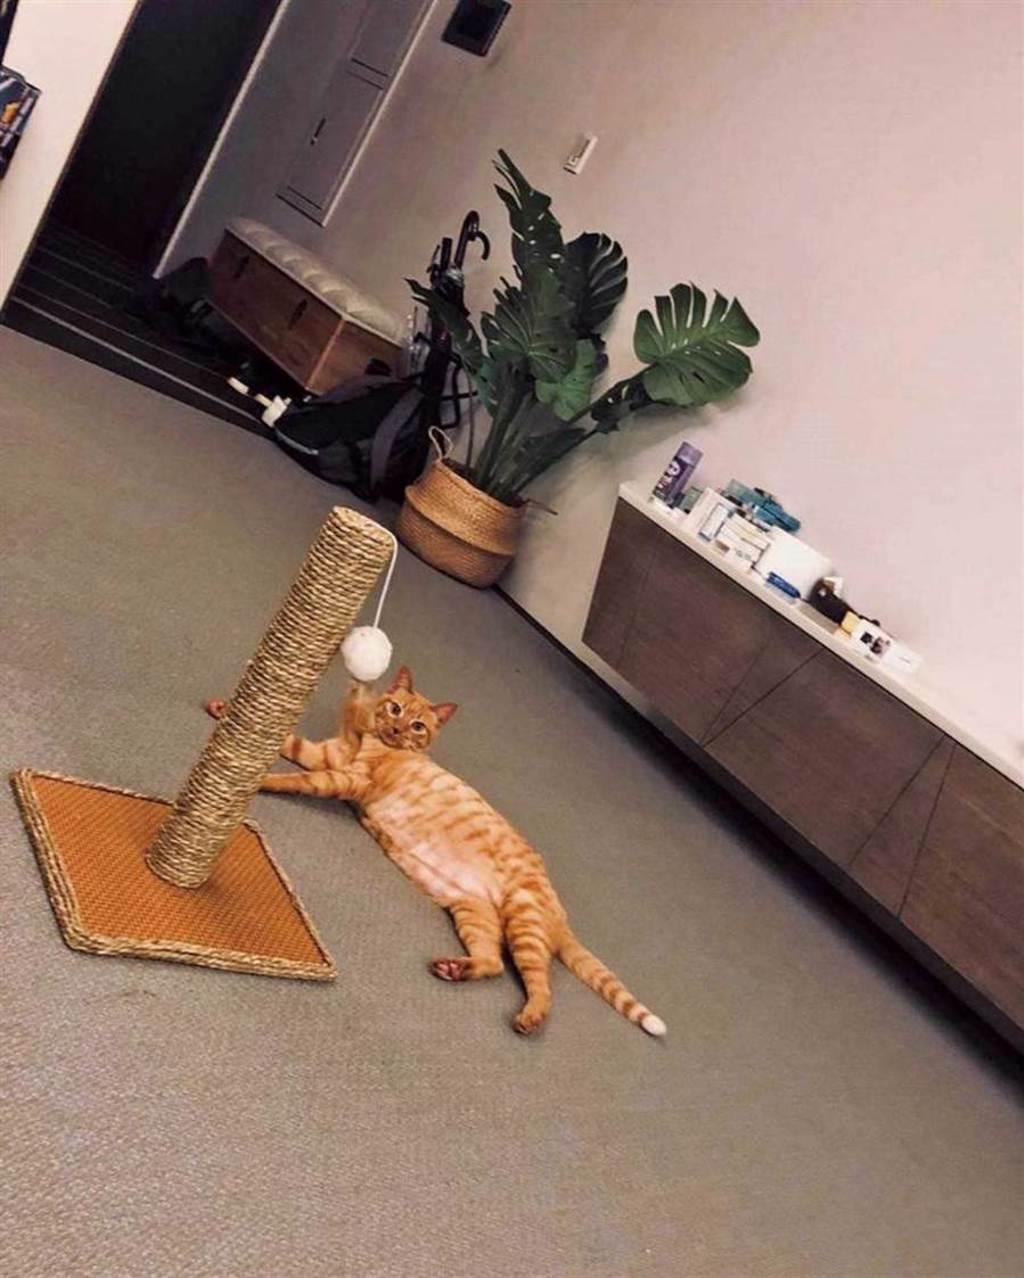 啾啾慵懶躺在地上玩玩具,模樣十分可愛。(圖/齊石傳播提供)